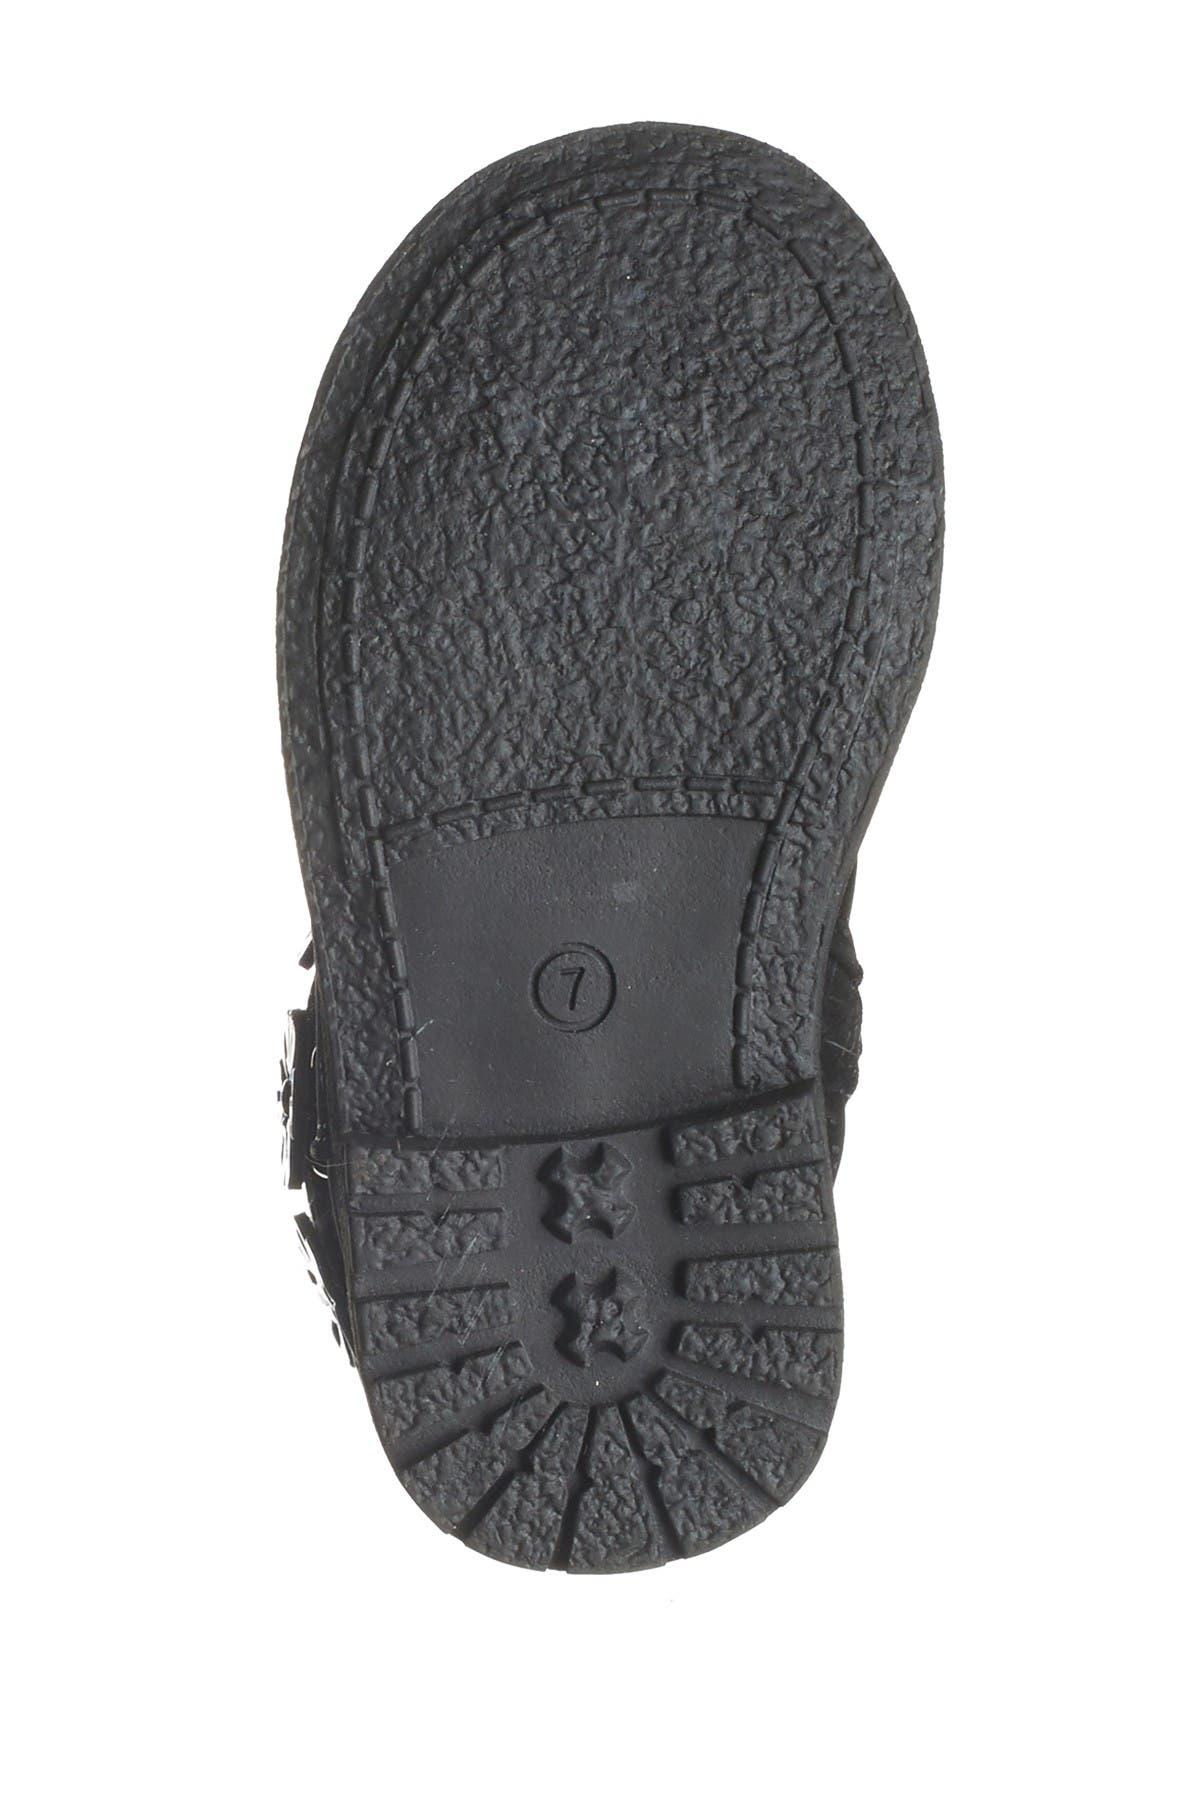 Rachel Shoes Flower Knit Cuff Boot